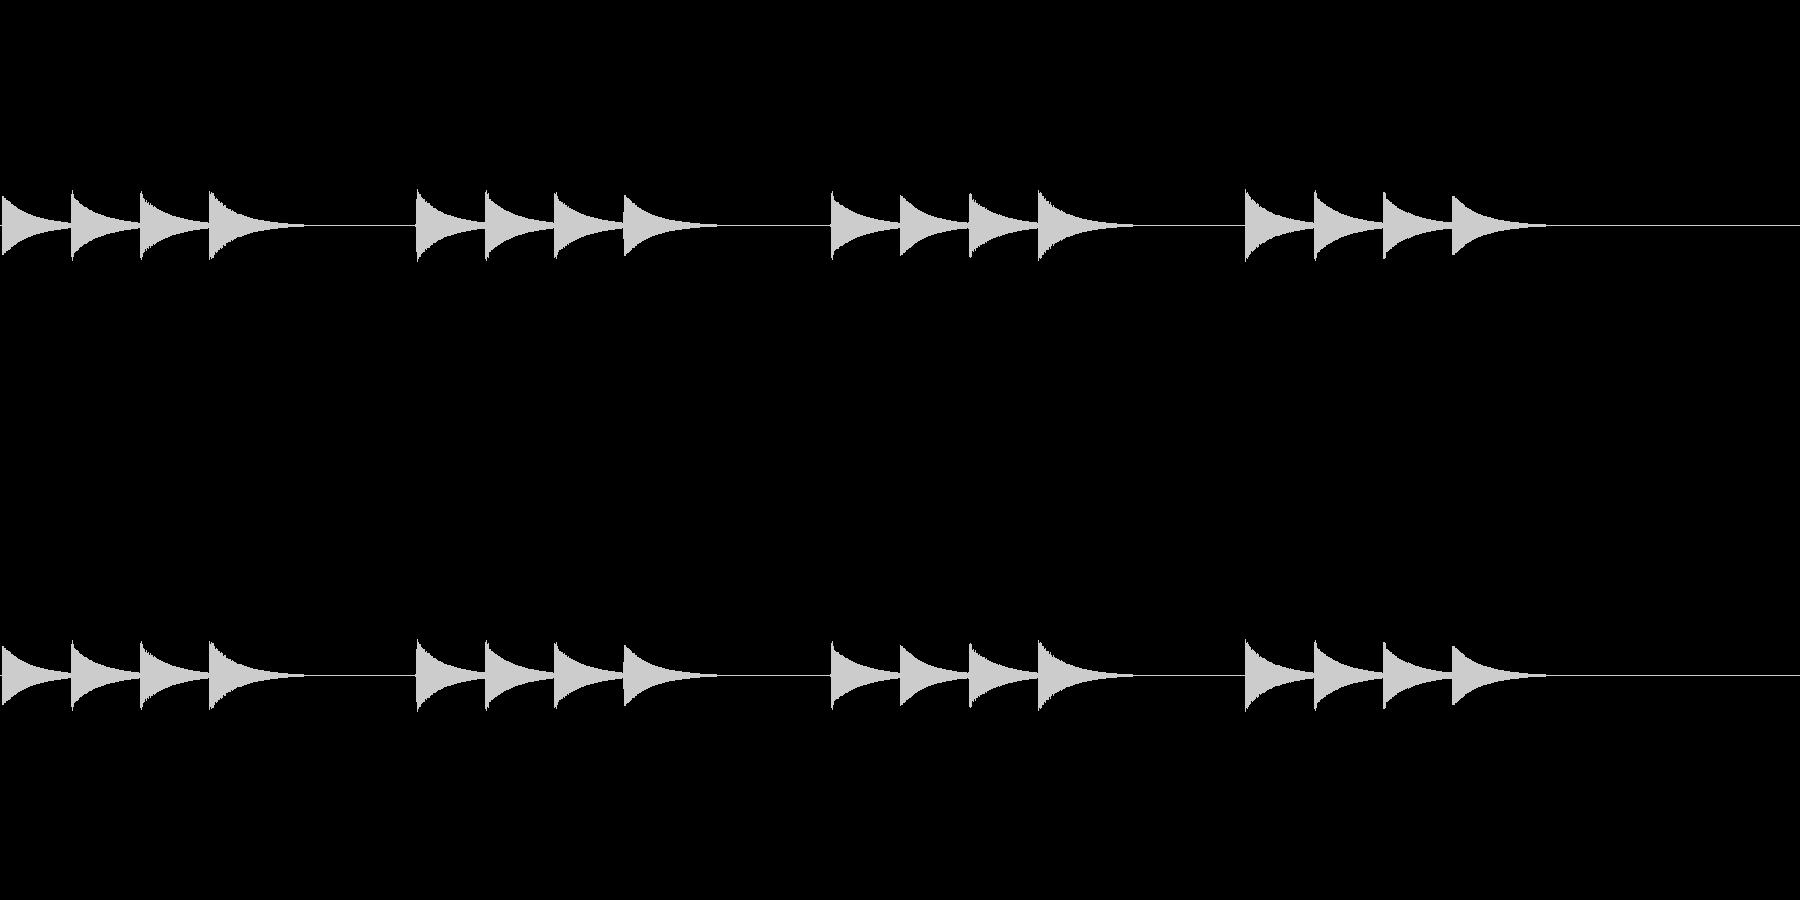 チャイム バス用の未再生の波形